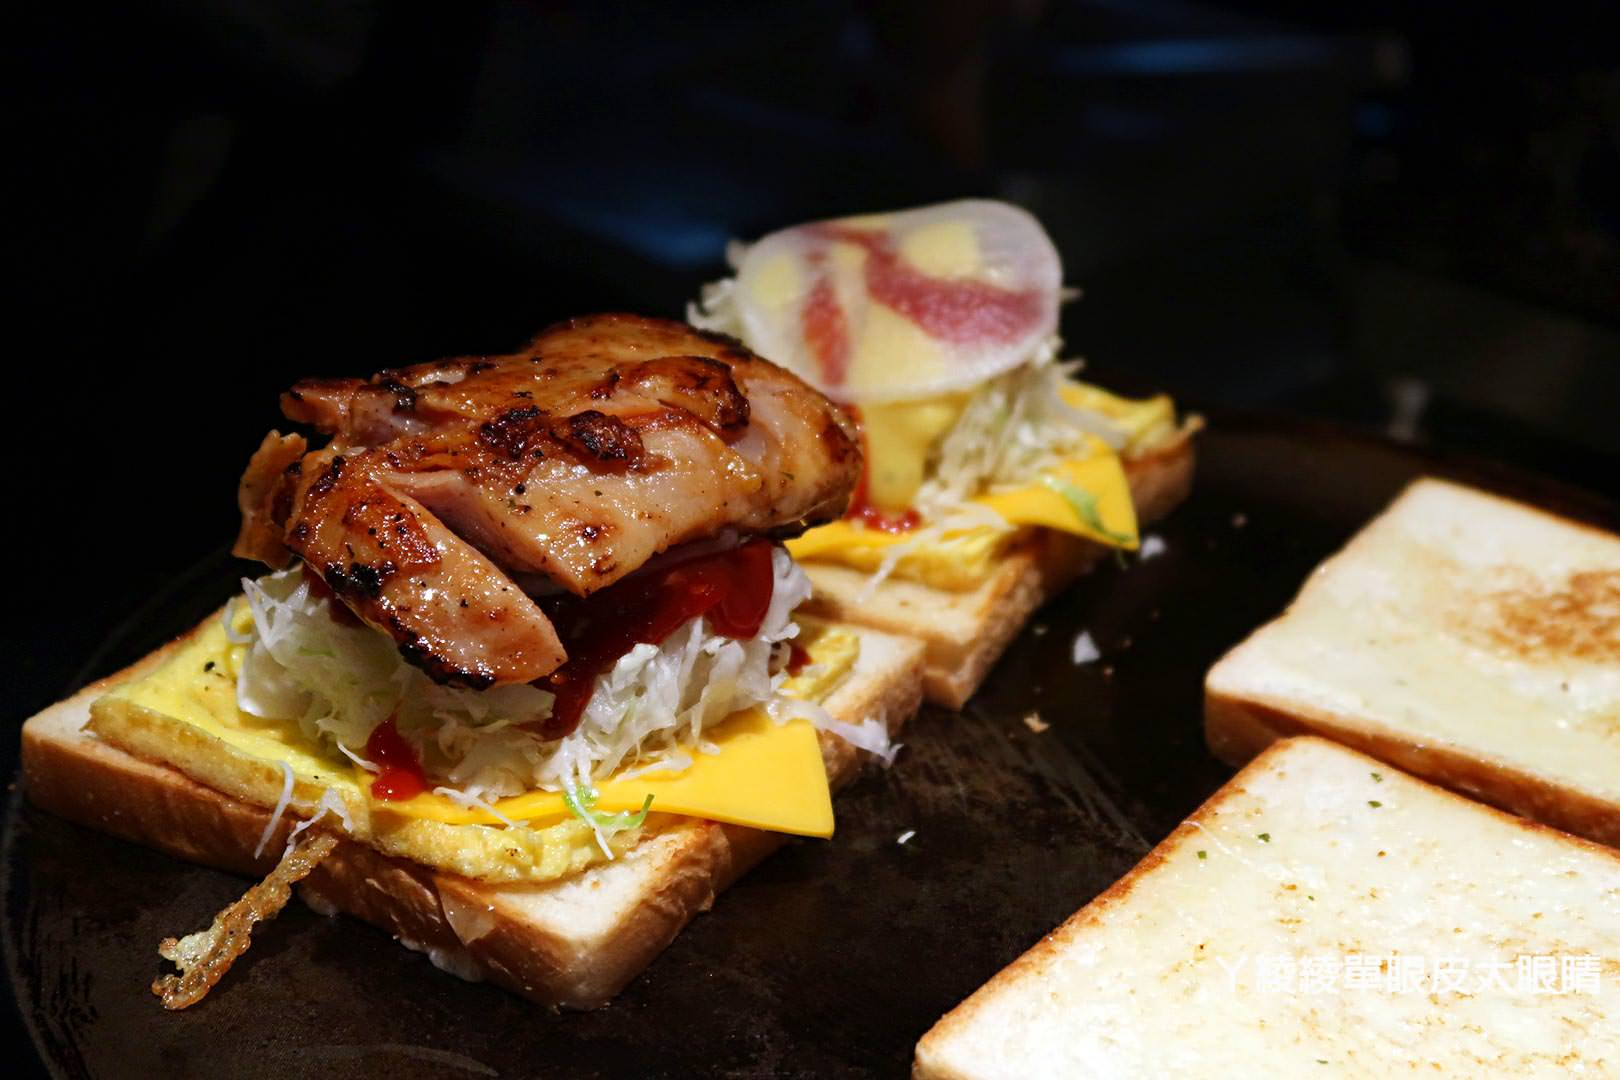 新竹早午餐|下午茶外送推薦!超人氣韓式煎吐司在《晨曦OPPA吐司》